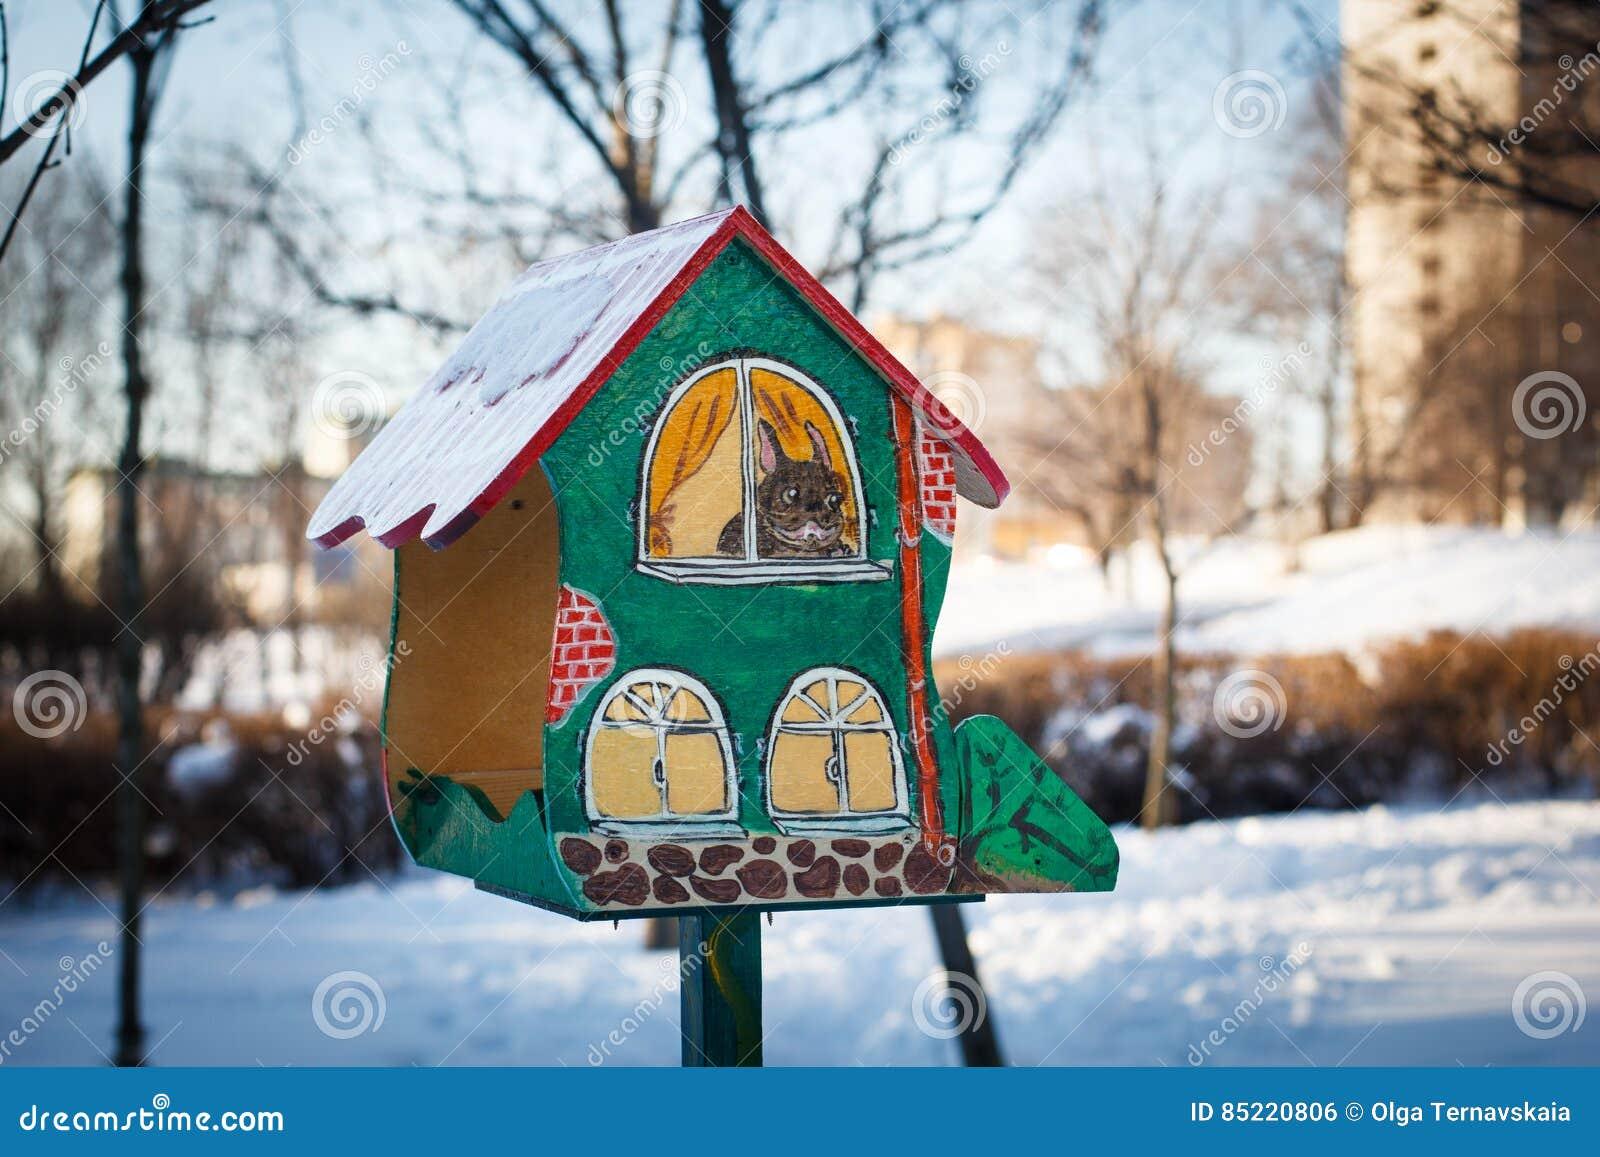 Alimentadores Del Pájaro Casa En El árbol Pintada Para Los Pájaros ... ffdddf9bd82